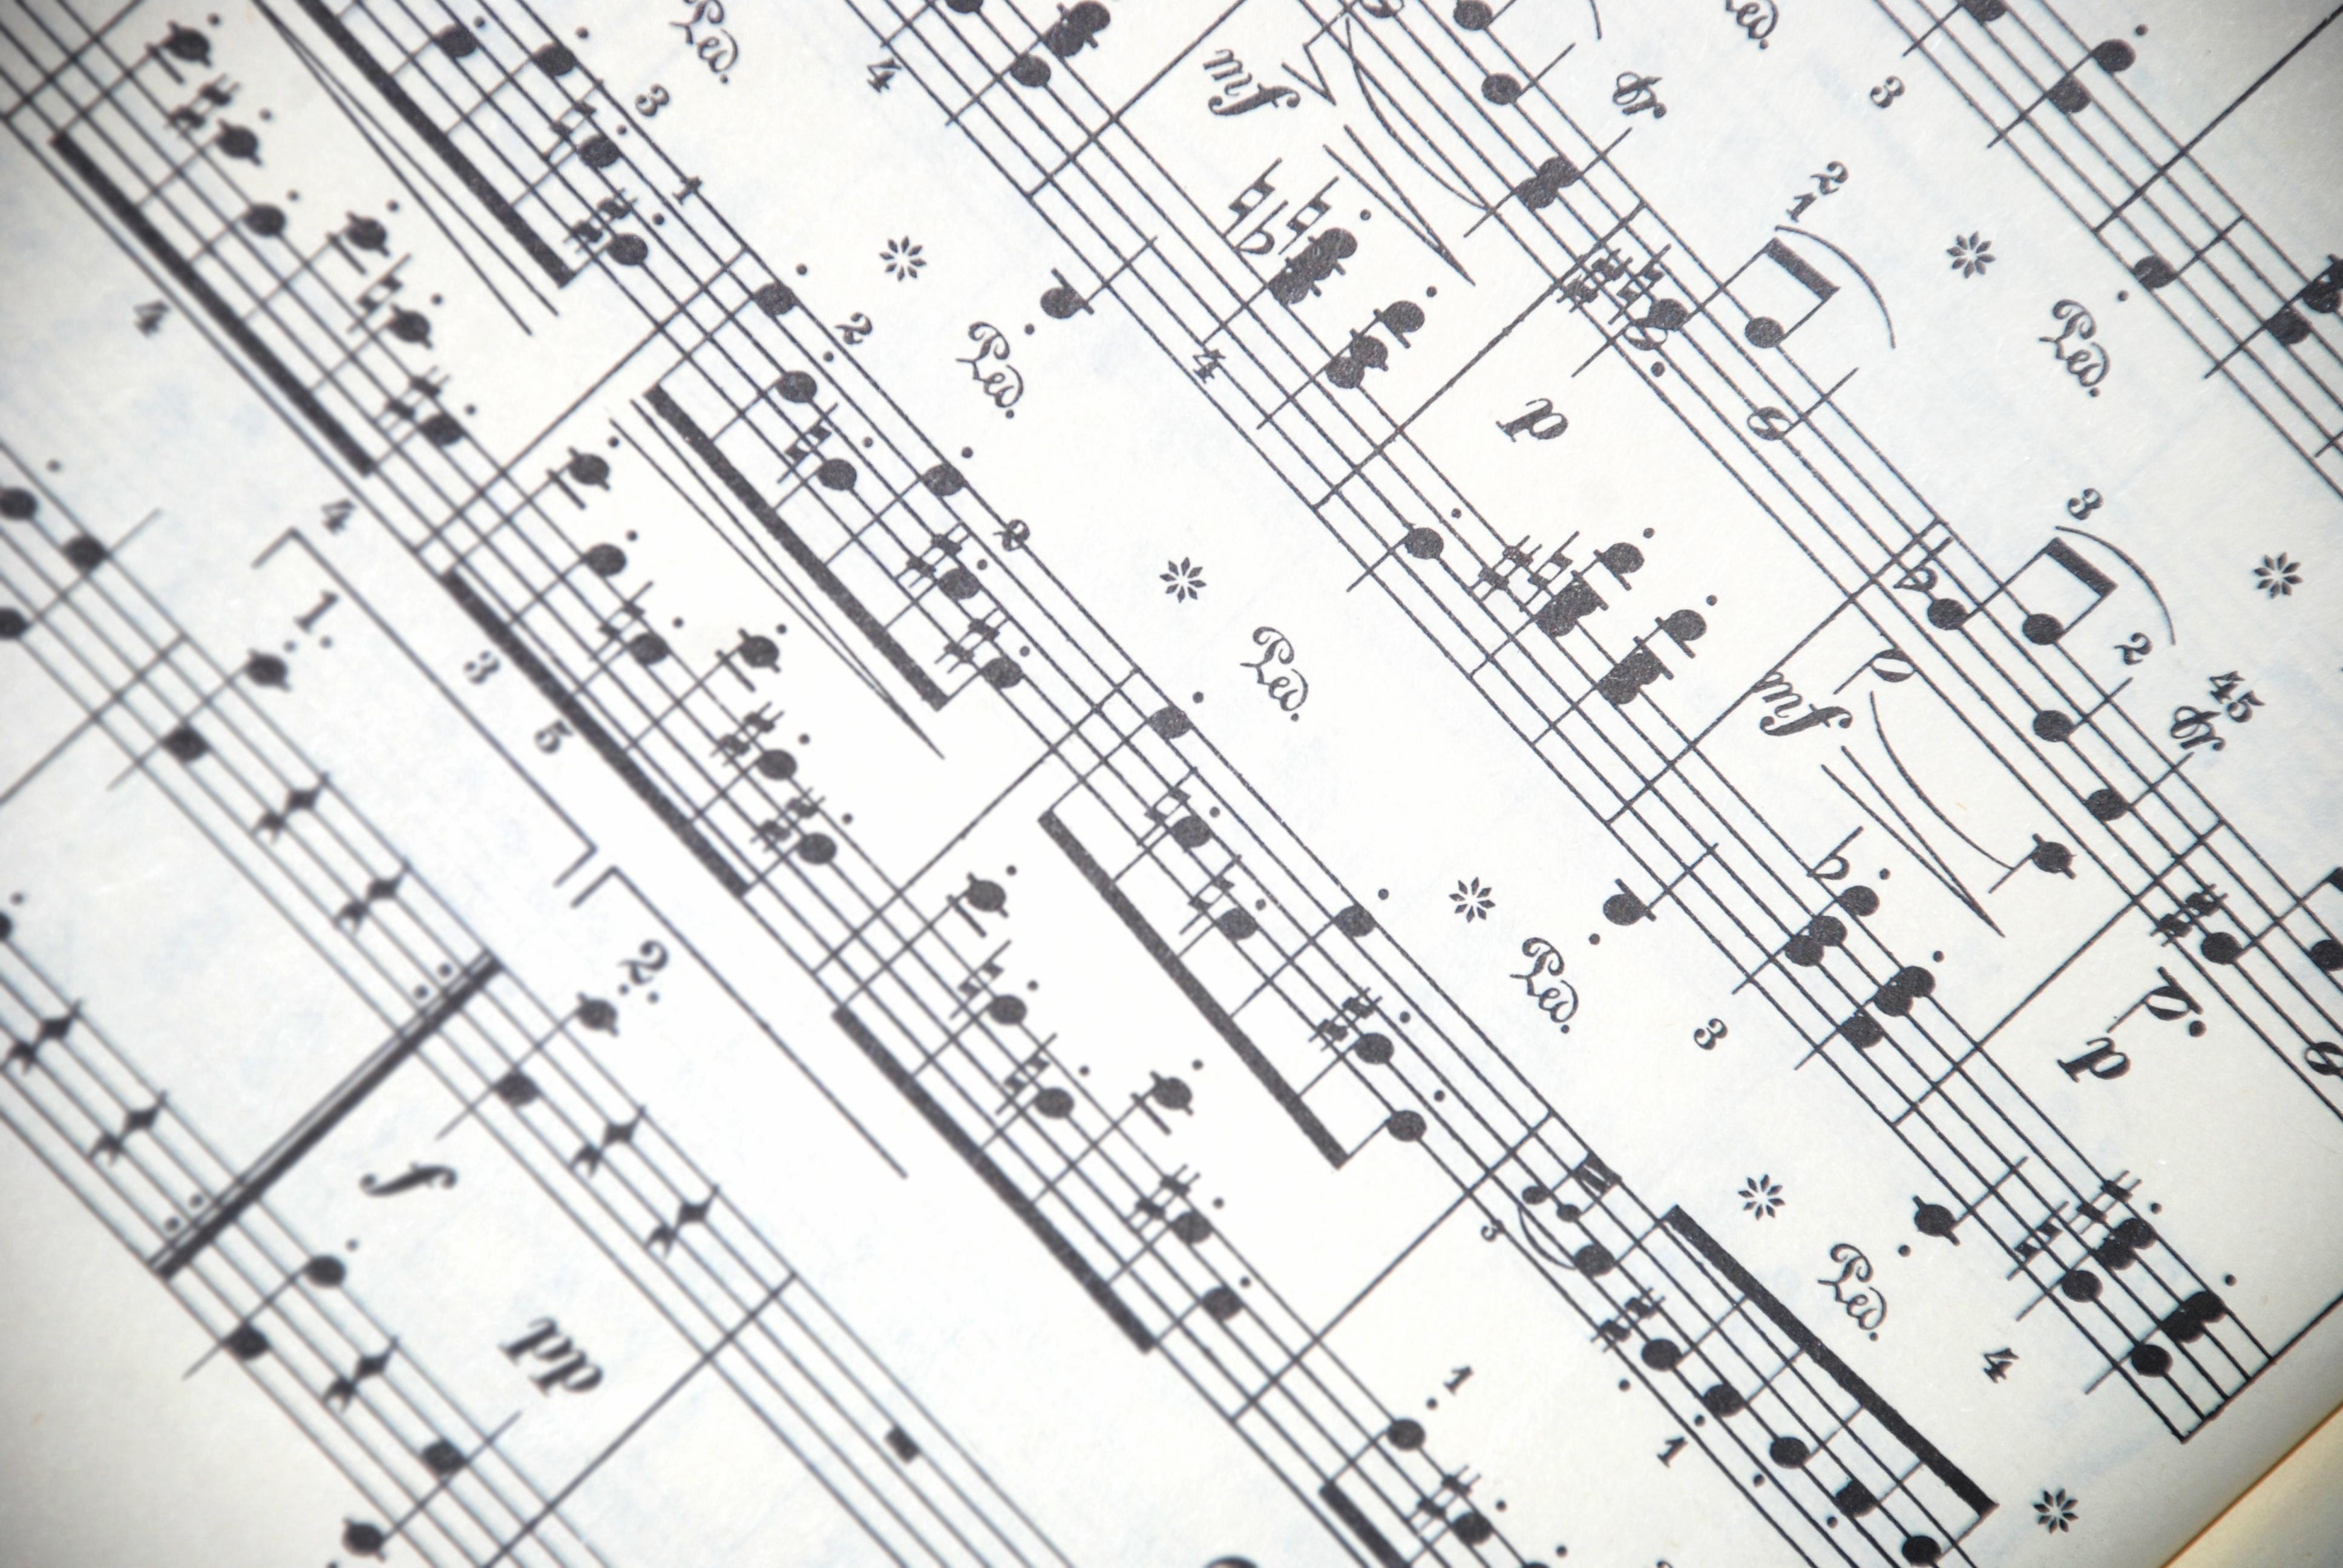 Musikfrågan